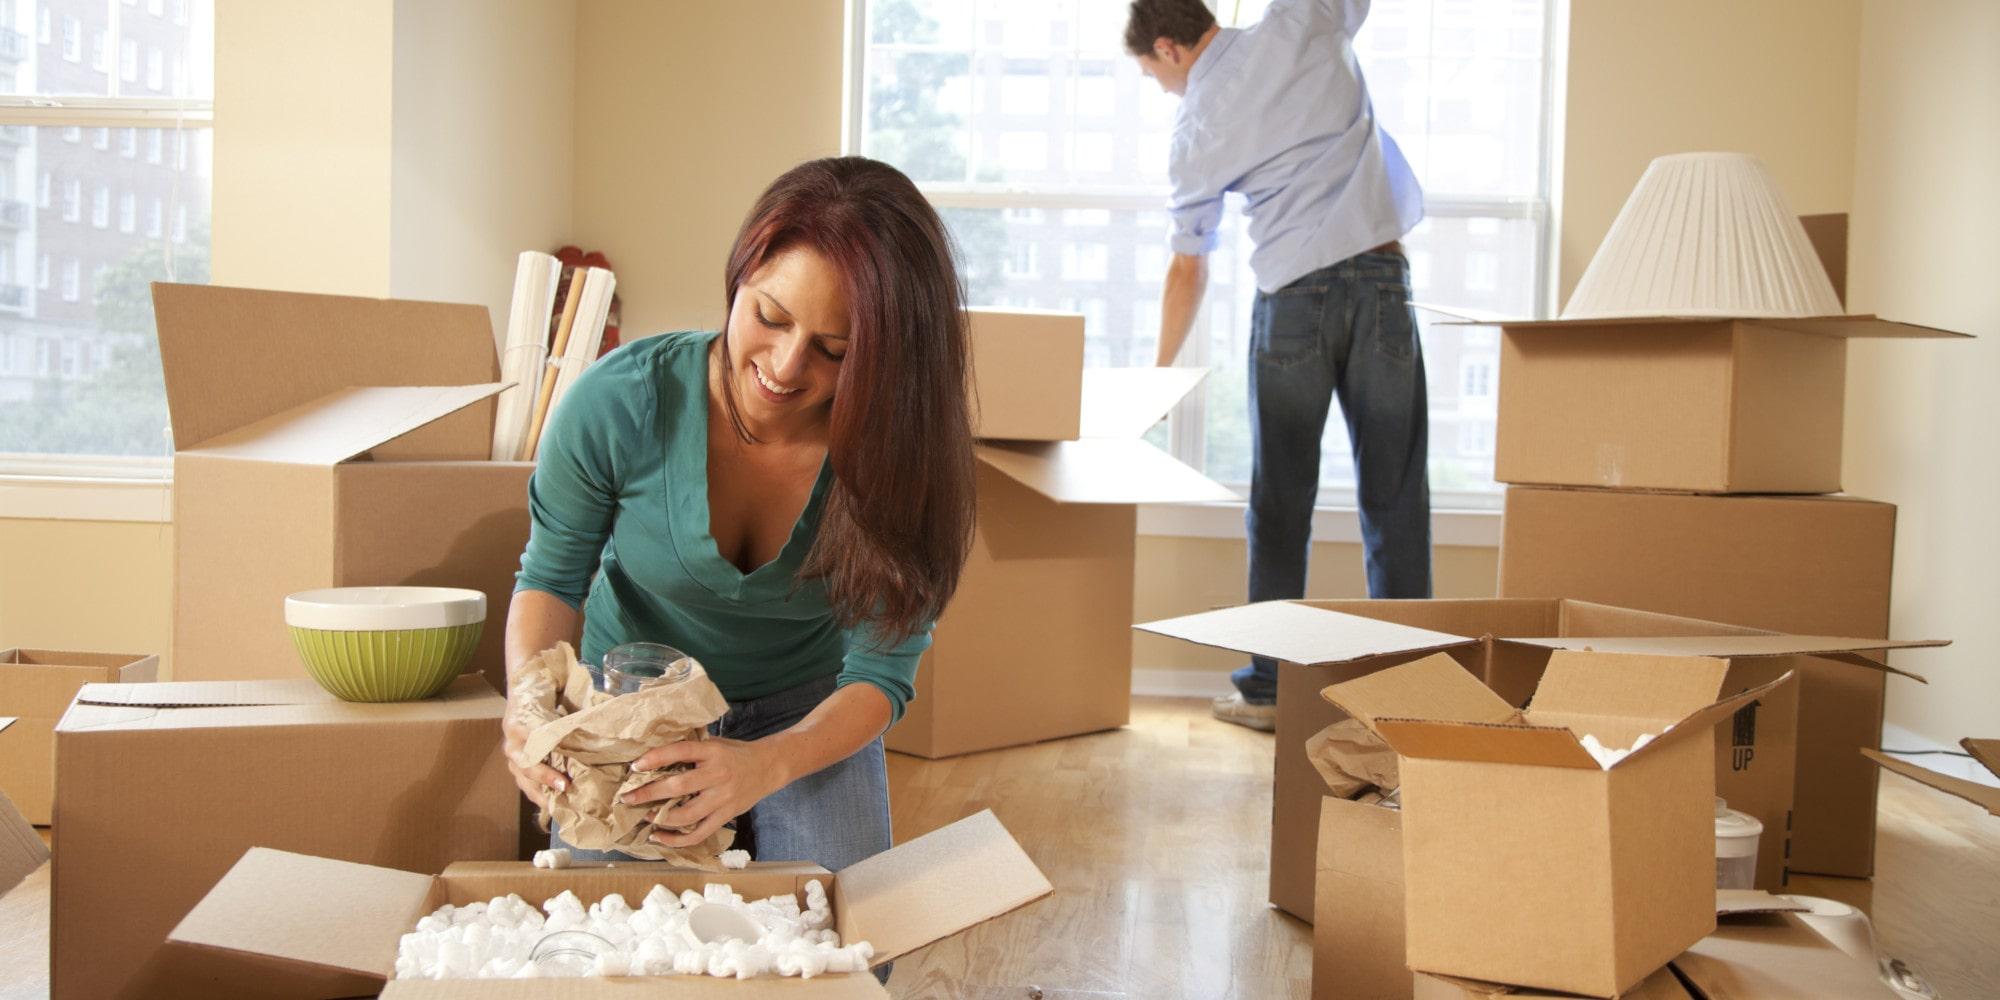 Как упаковать вещи при переезде: советы и рекомендации